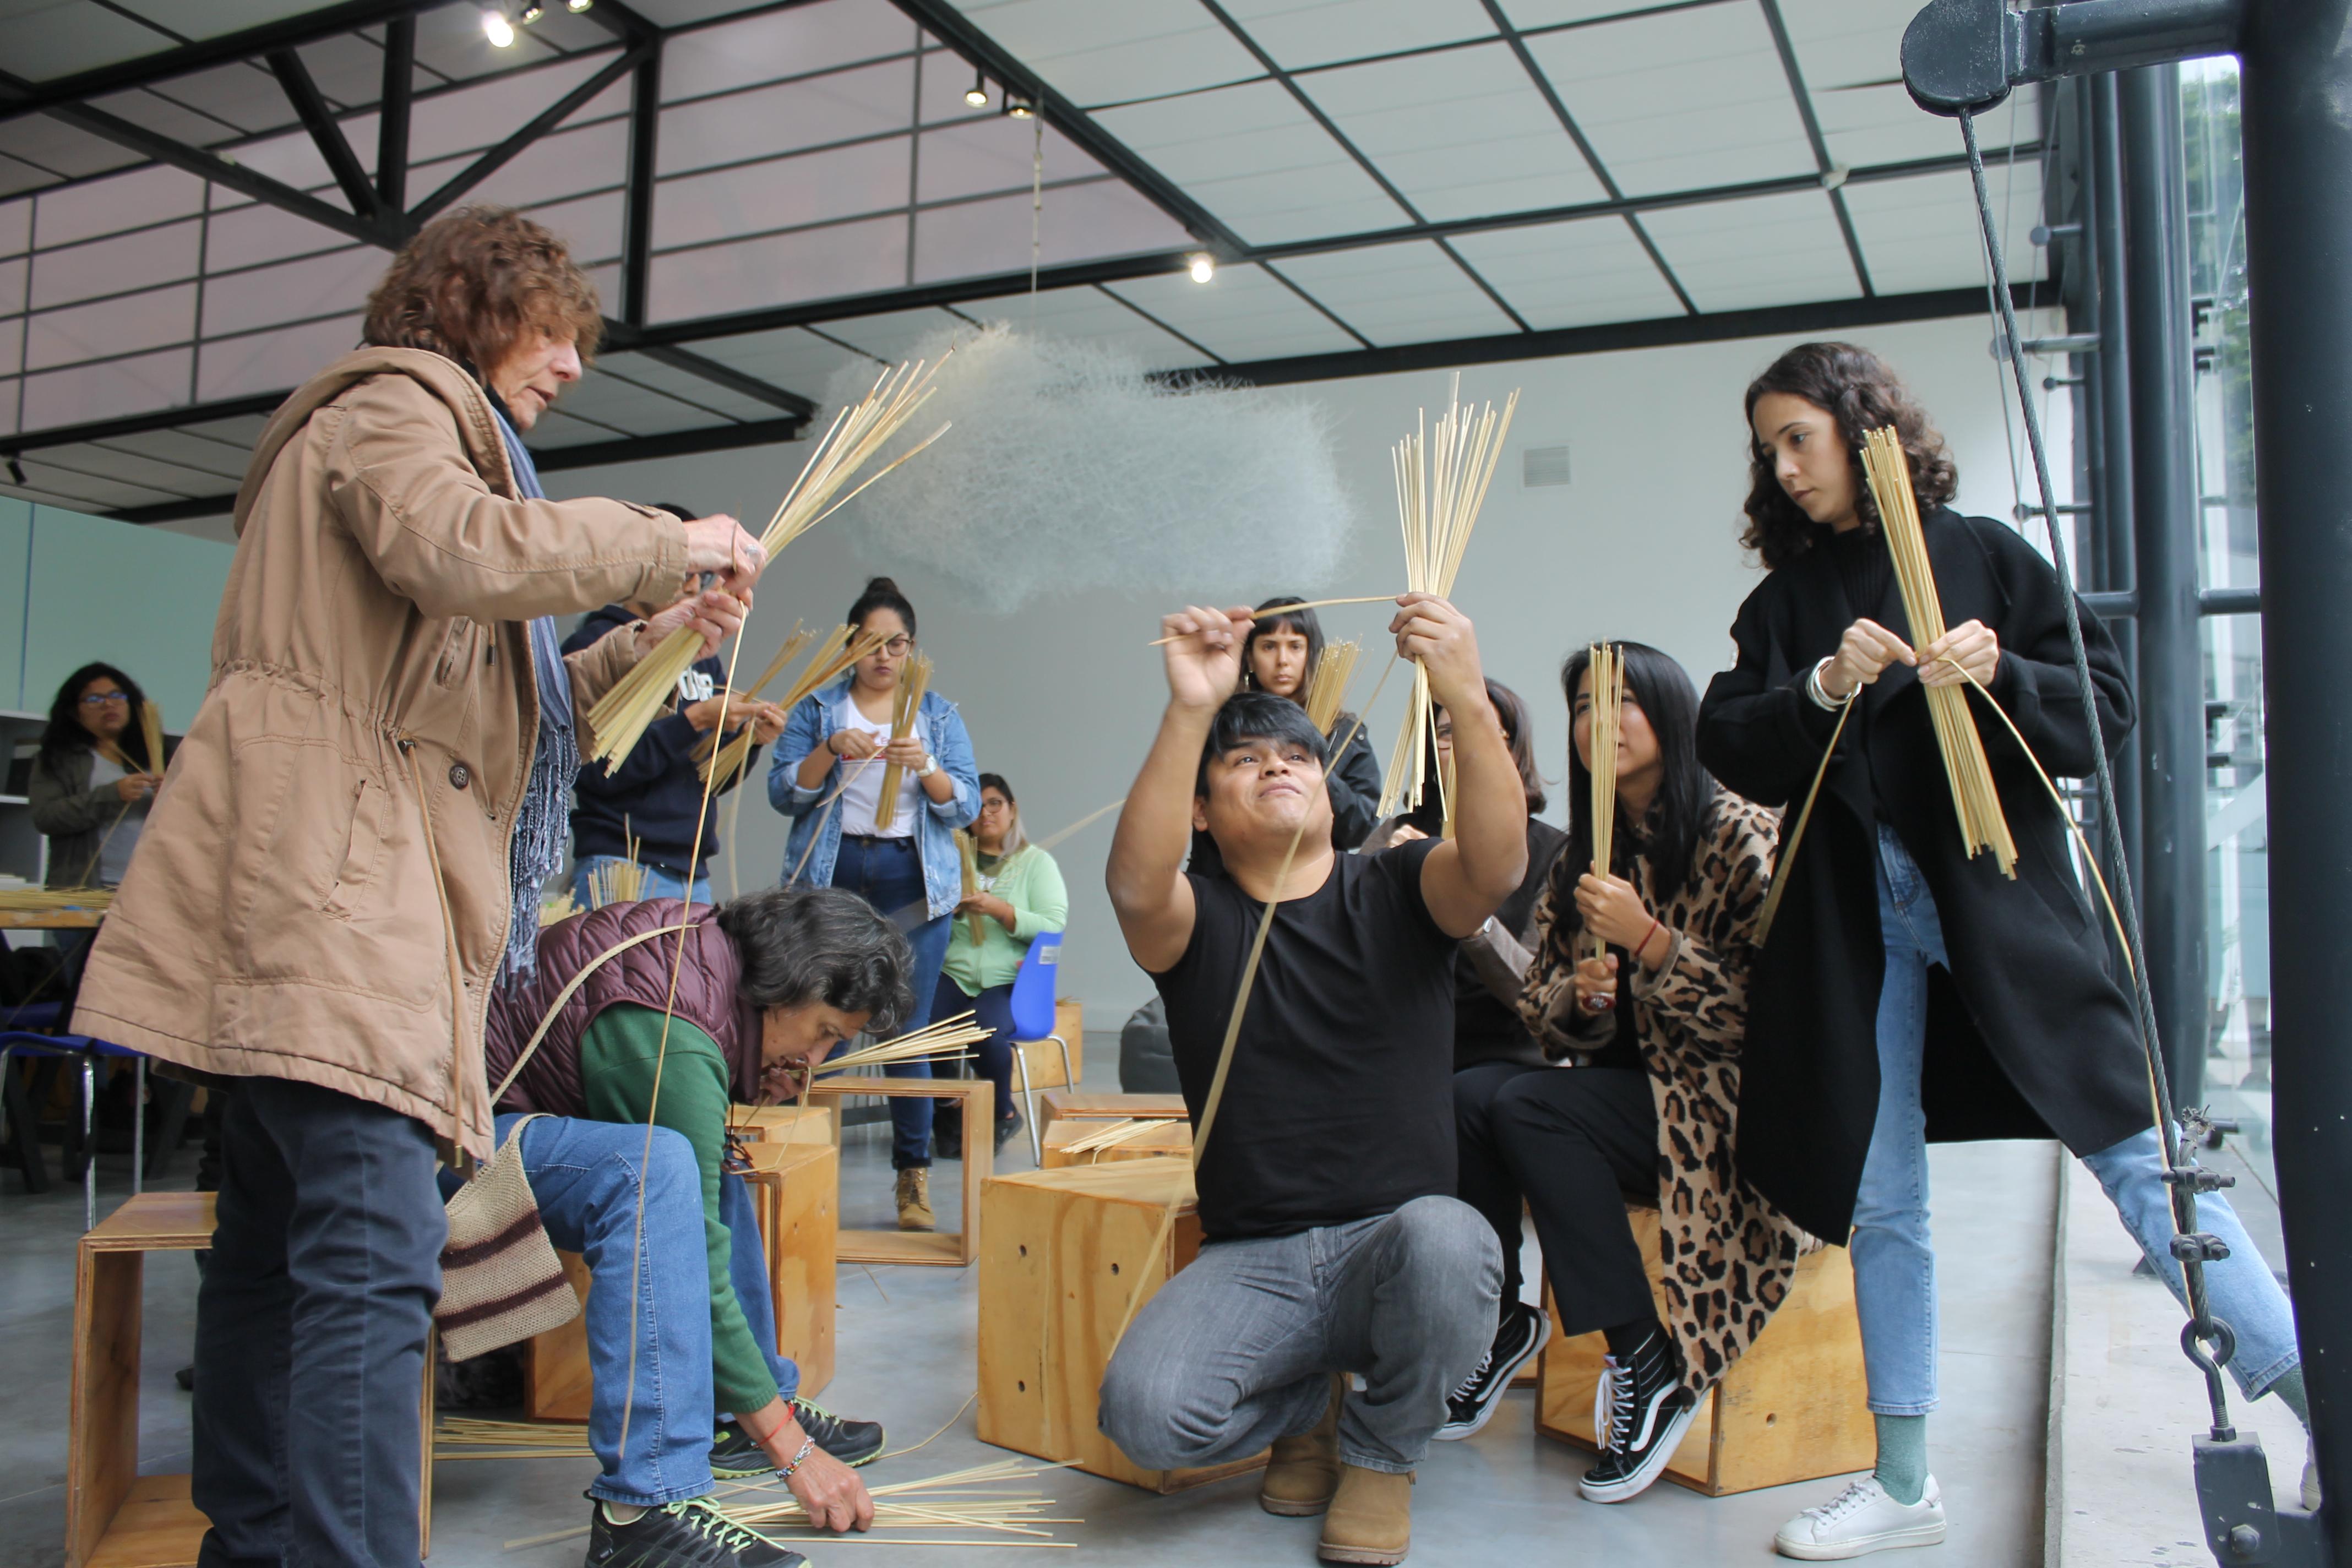 Samuel Goicochea enseña técnicas tradicionales de tejido con fibras naturales. Samuel Goicochea teaches traditional weaving techniques with natural fibers.